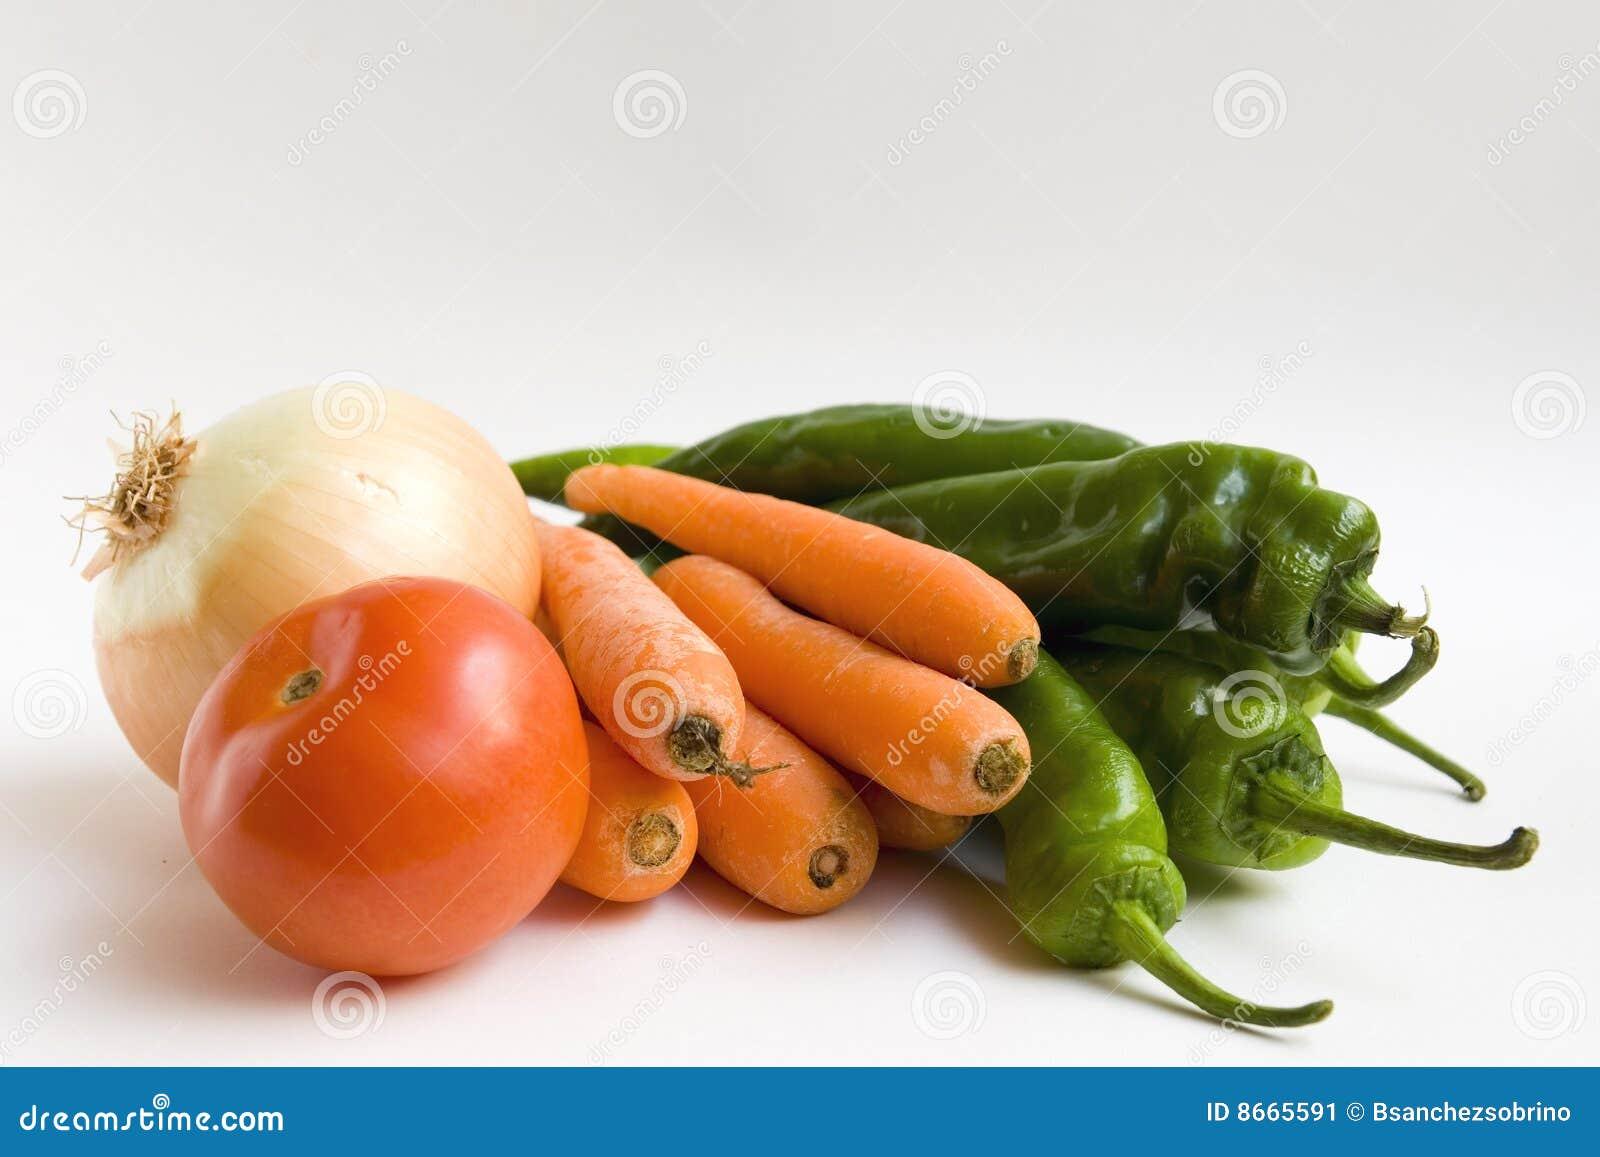 Raccords en caoutchouc, oignon, tomate et poivrons